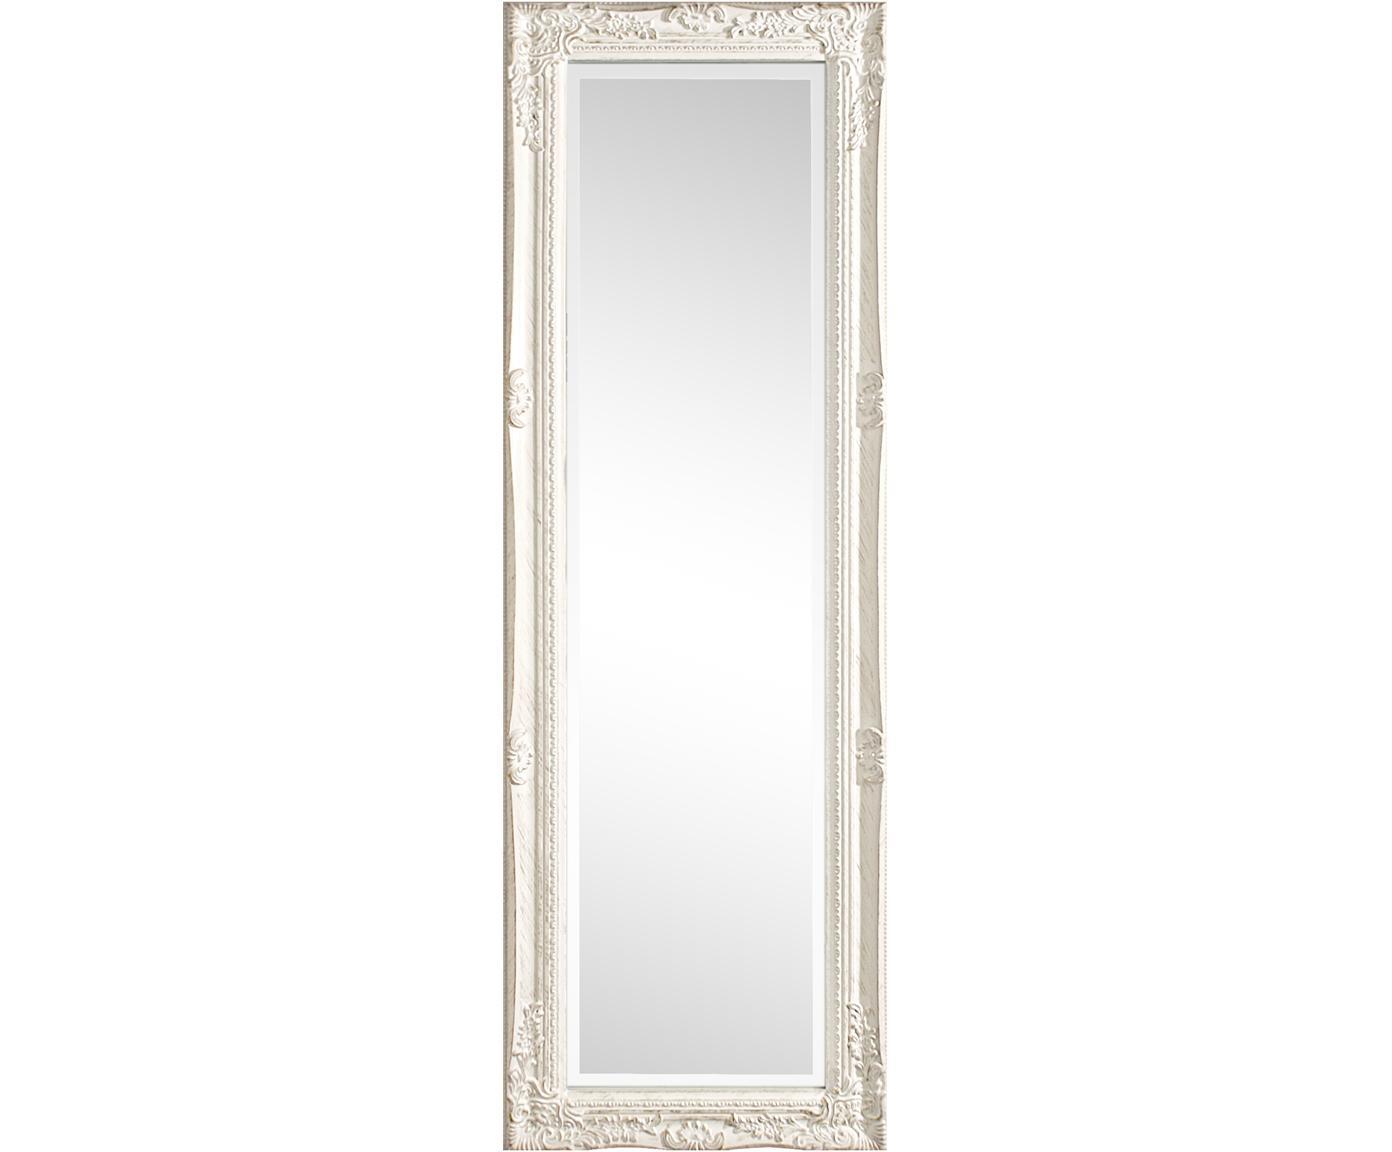 Rechthoekige wandspiegel Miro met witte houten lijst, Lijst: gecoat hout, Wit, 42 x 132 cm